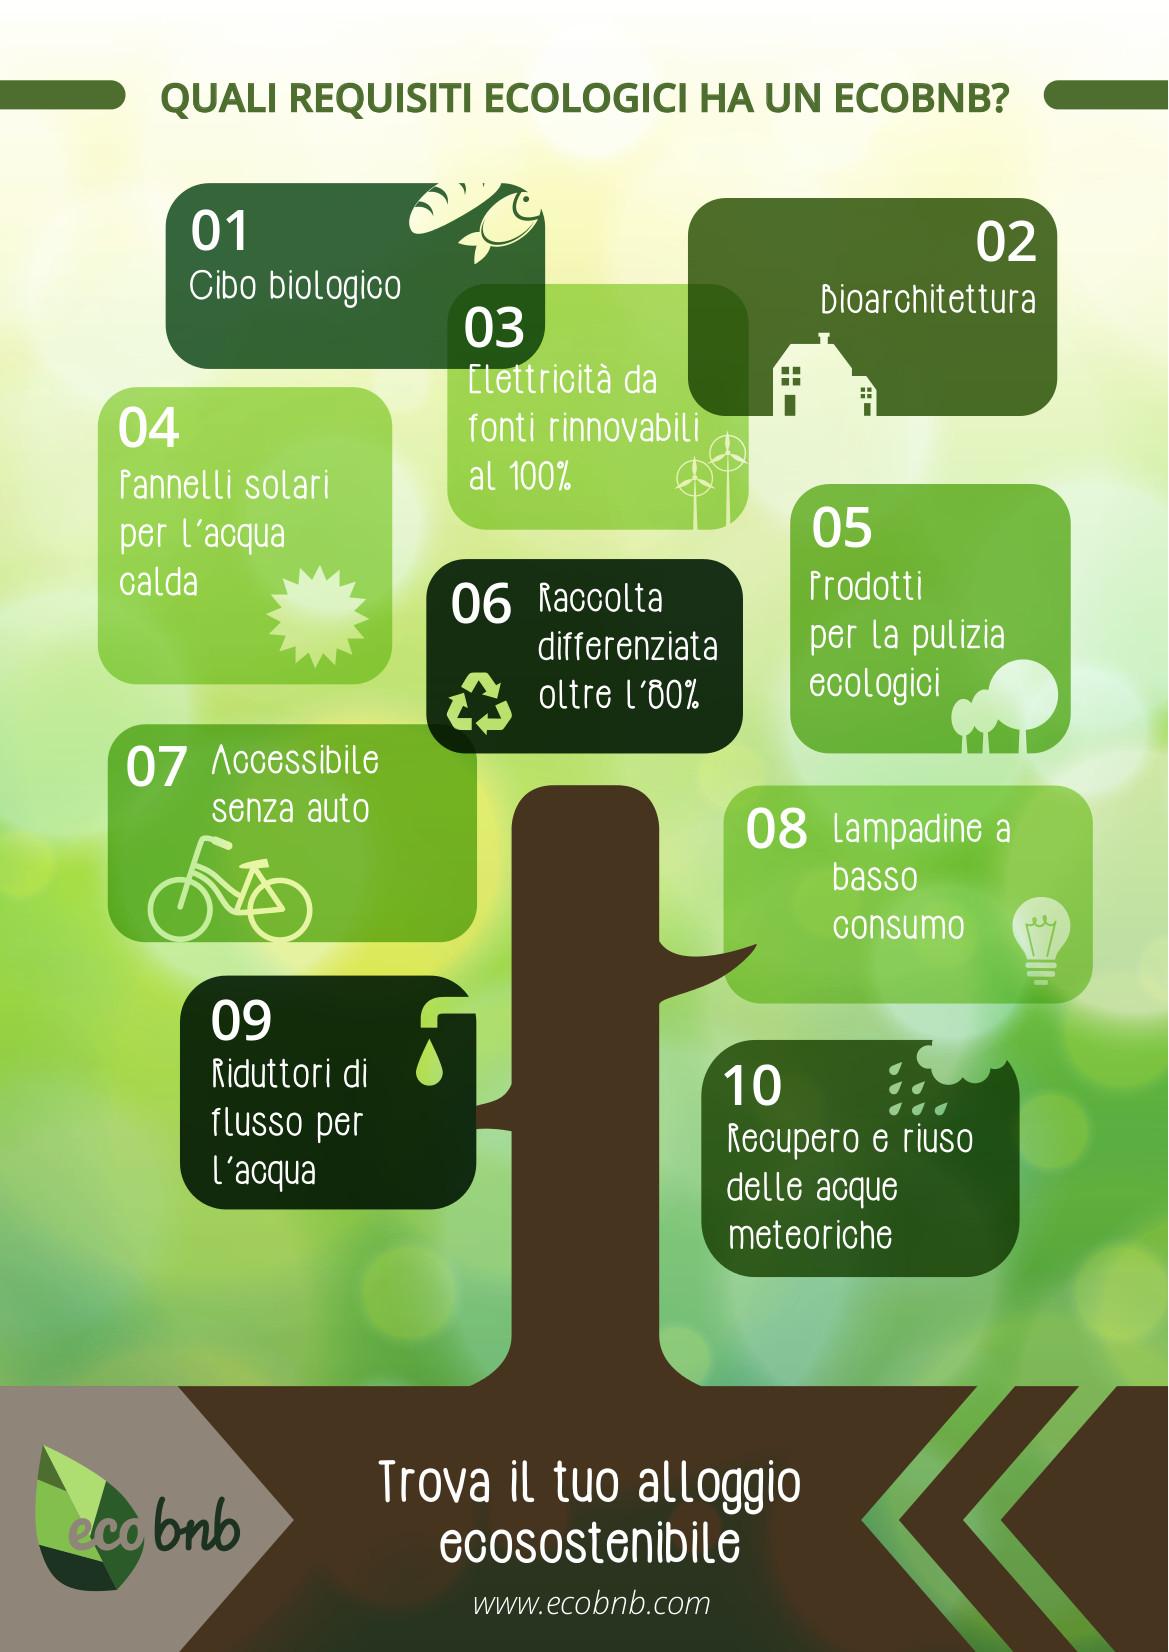 ecobnb-quali-requisiti-eco-immagine pubblicata da tatianaberlaffa.com